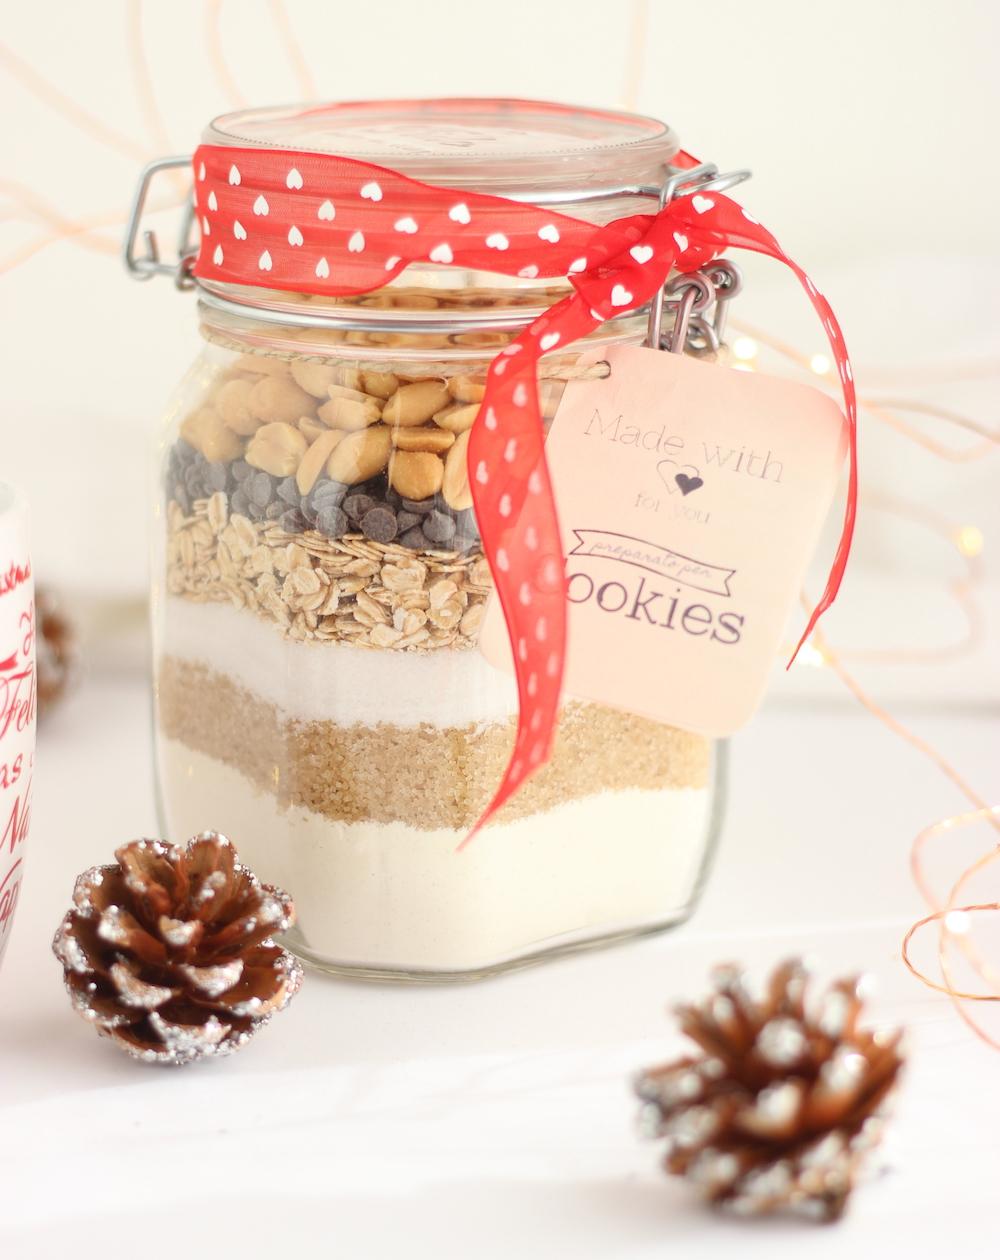 Idee Regalo Dolci Natale.8 Biscotti Da Regalare A Natale Un Giorno Senza Fretta